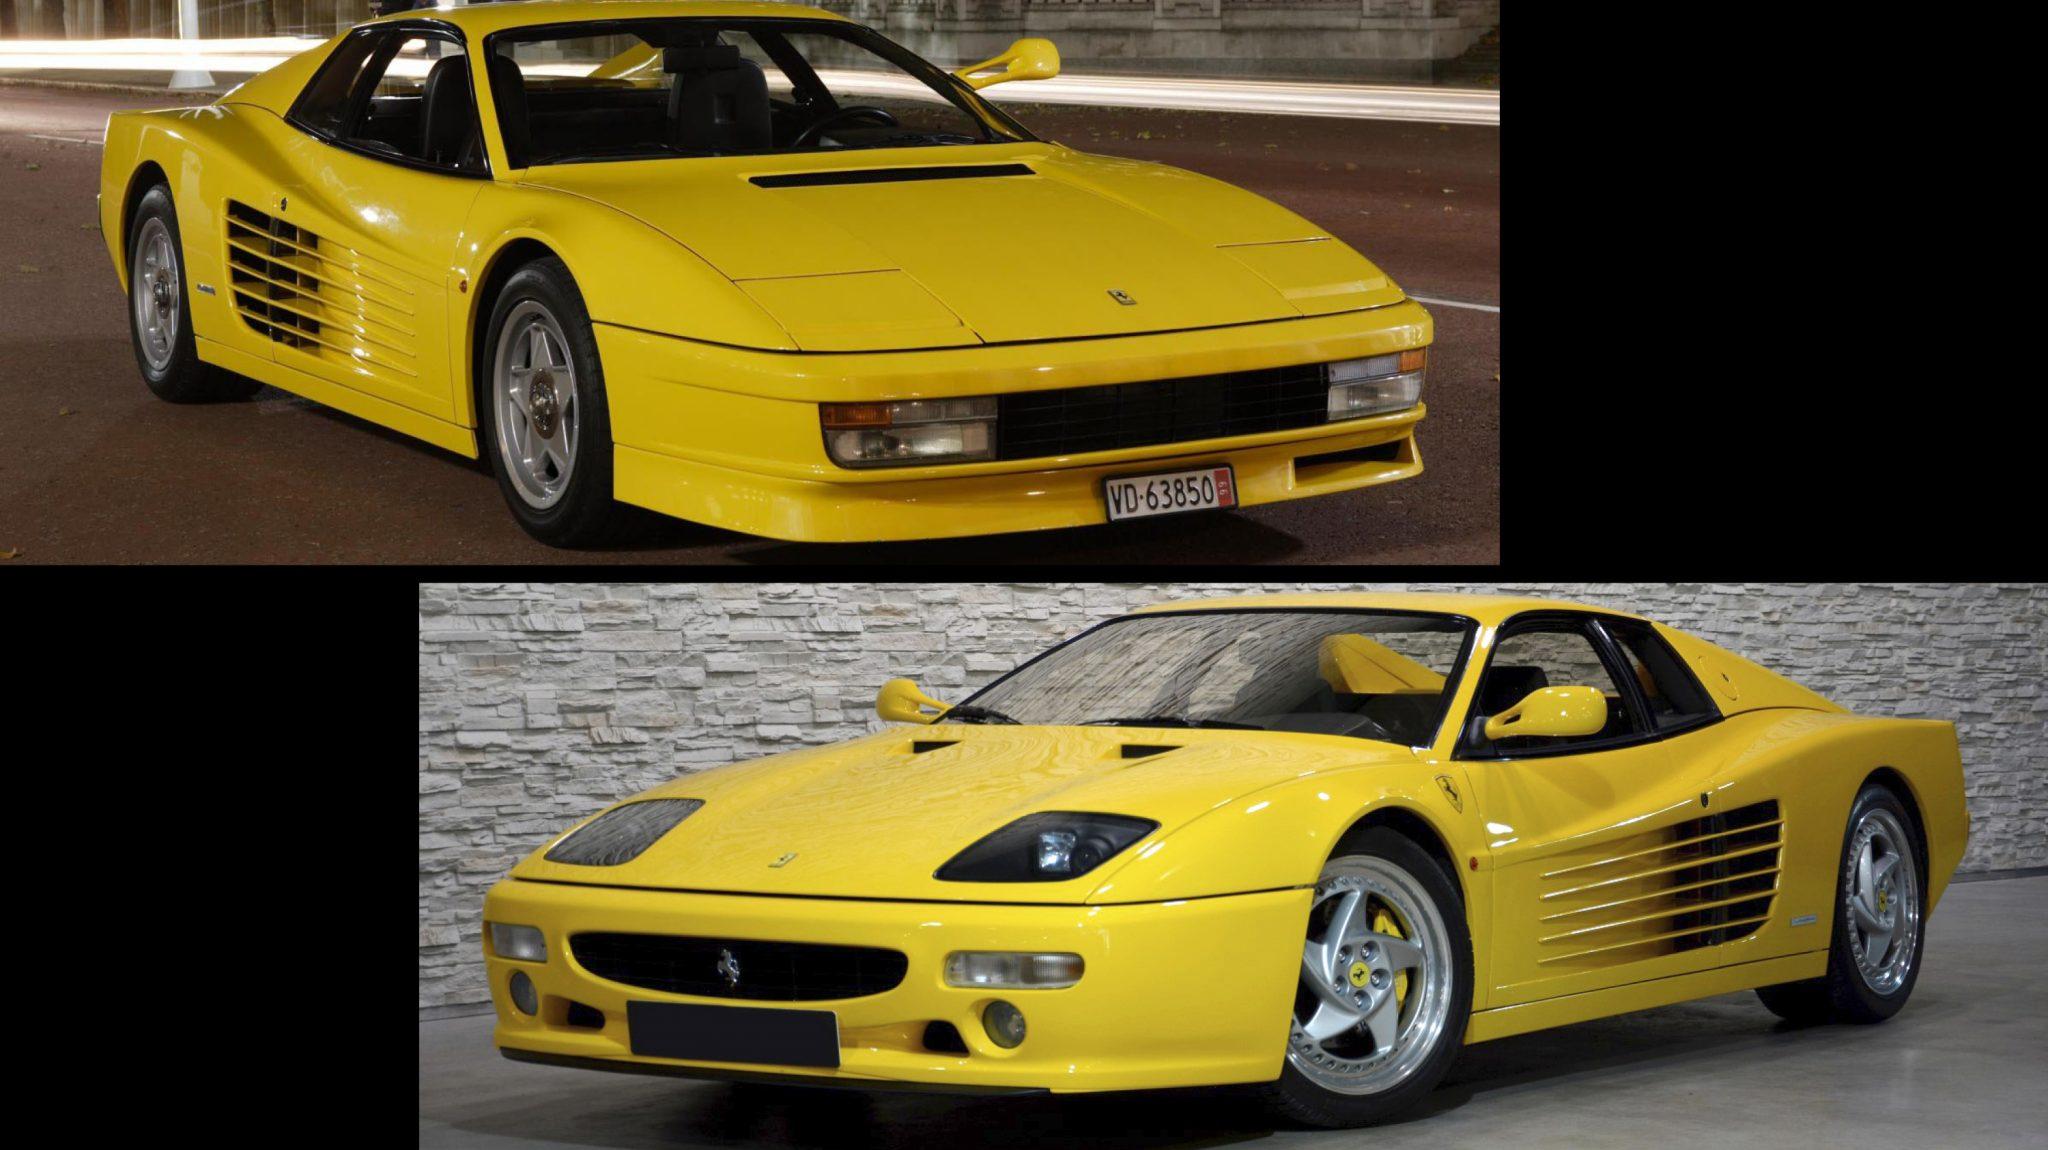 Ferrari 512M Facelift vs Pre-facelift